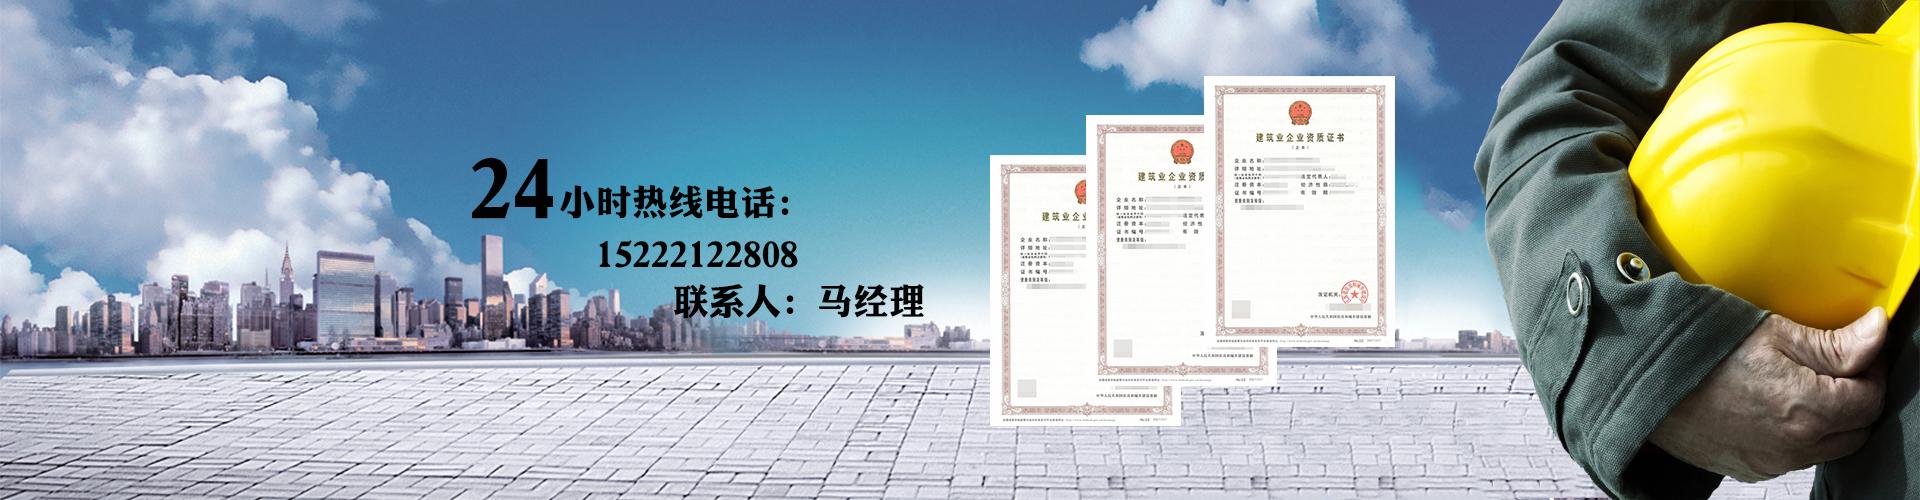 天津建筑资质代办审核需要多久?